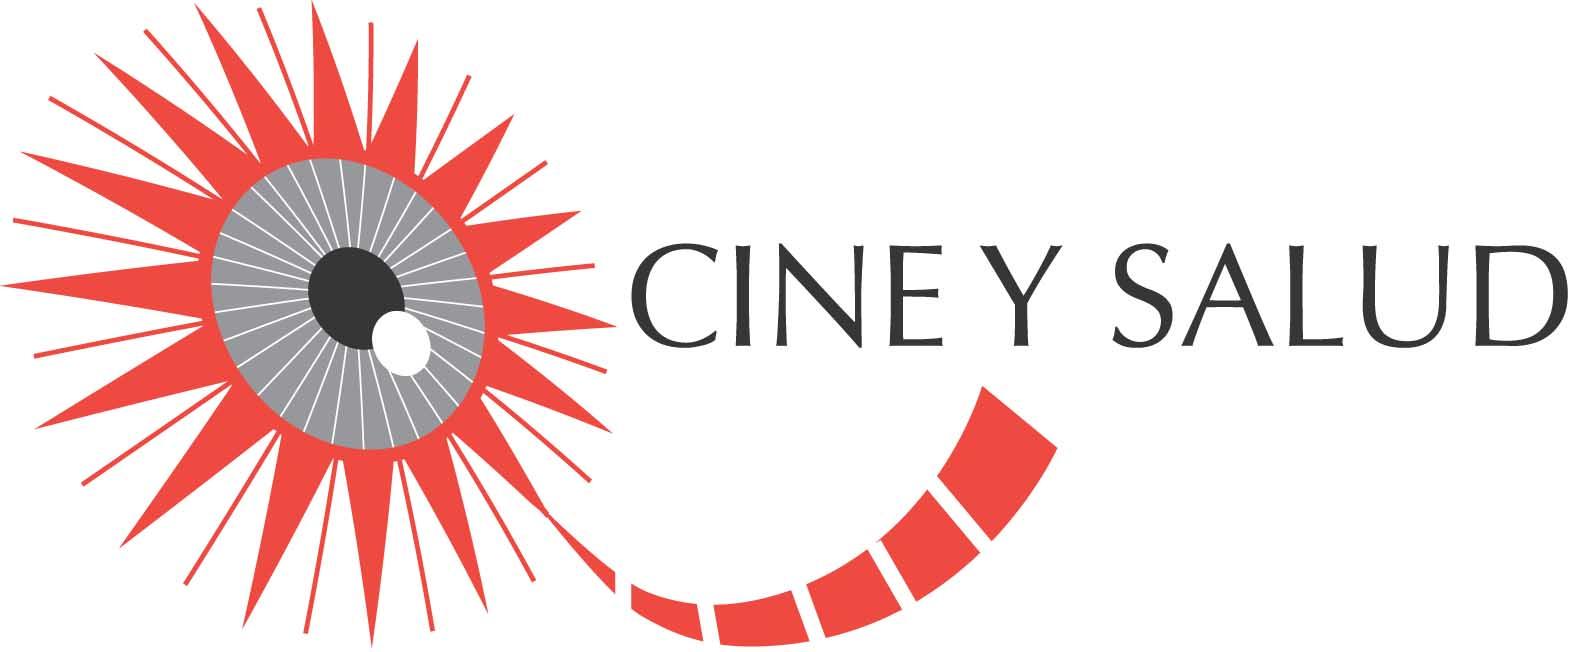 #cineysalud2018